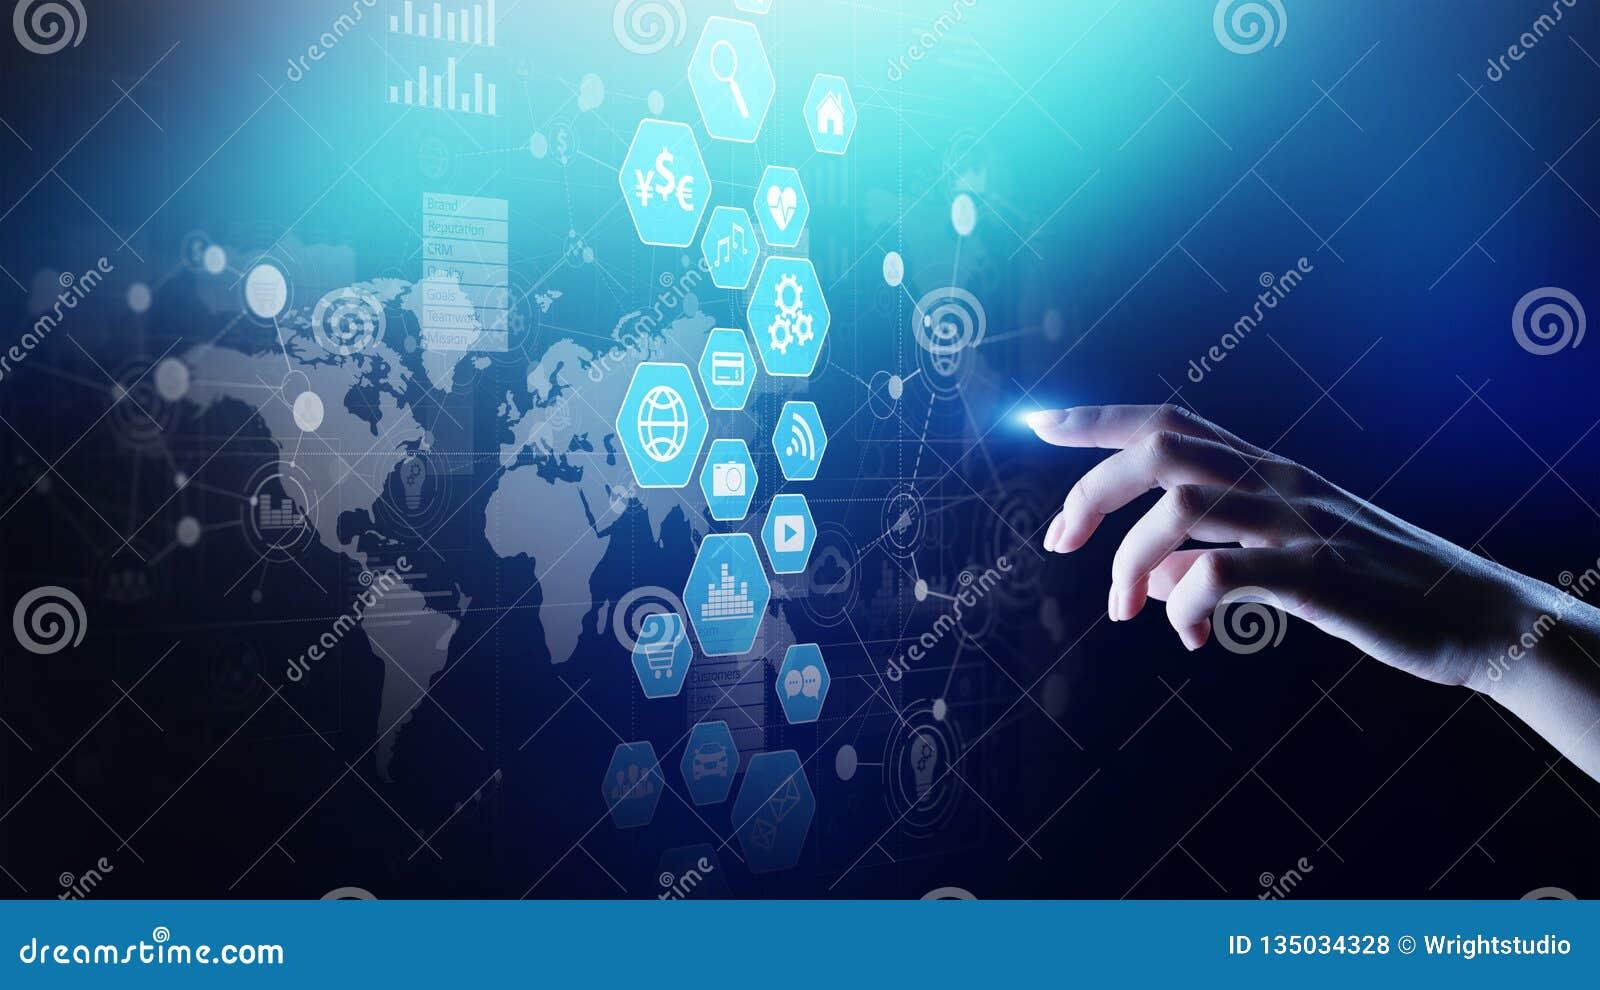 Cruscotto di analisi dei dati, di business intelligence con i grafici delle icone e diagramma sullo schermo virtuale